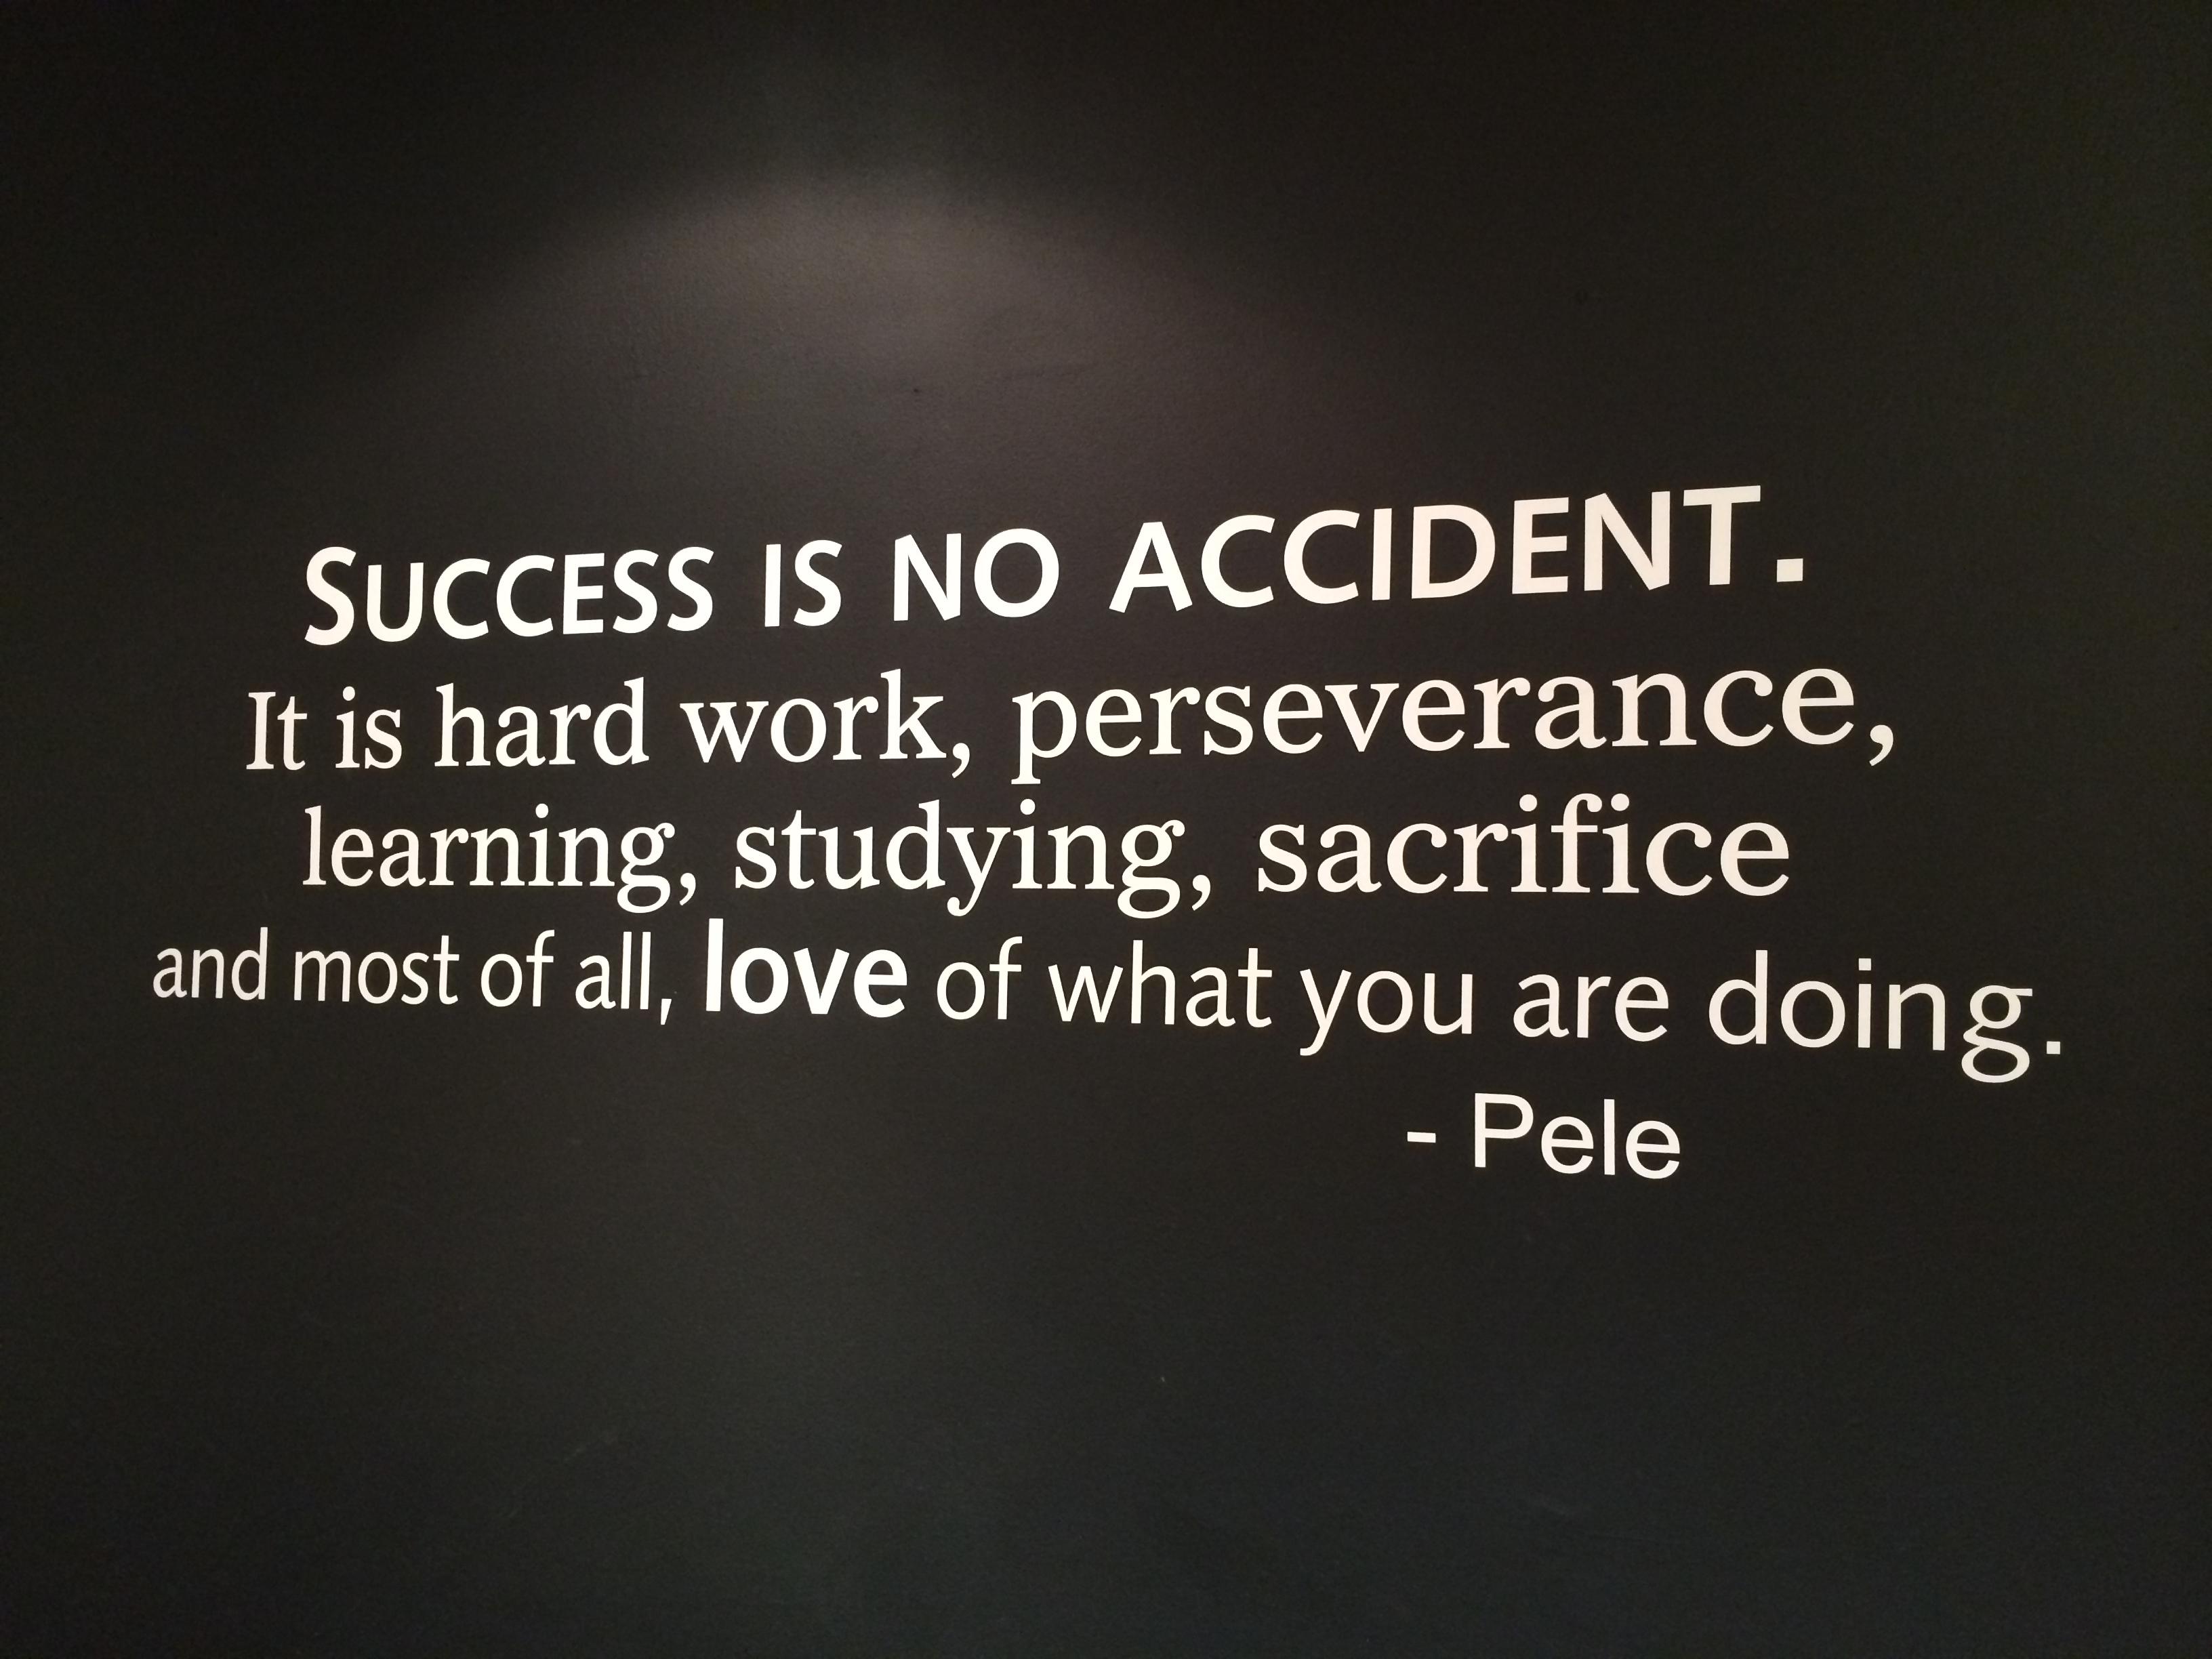 Motivation Monday: Success